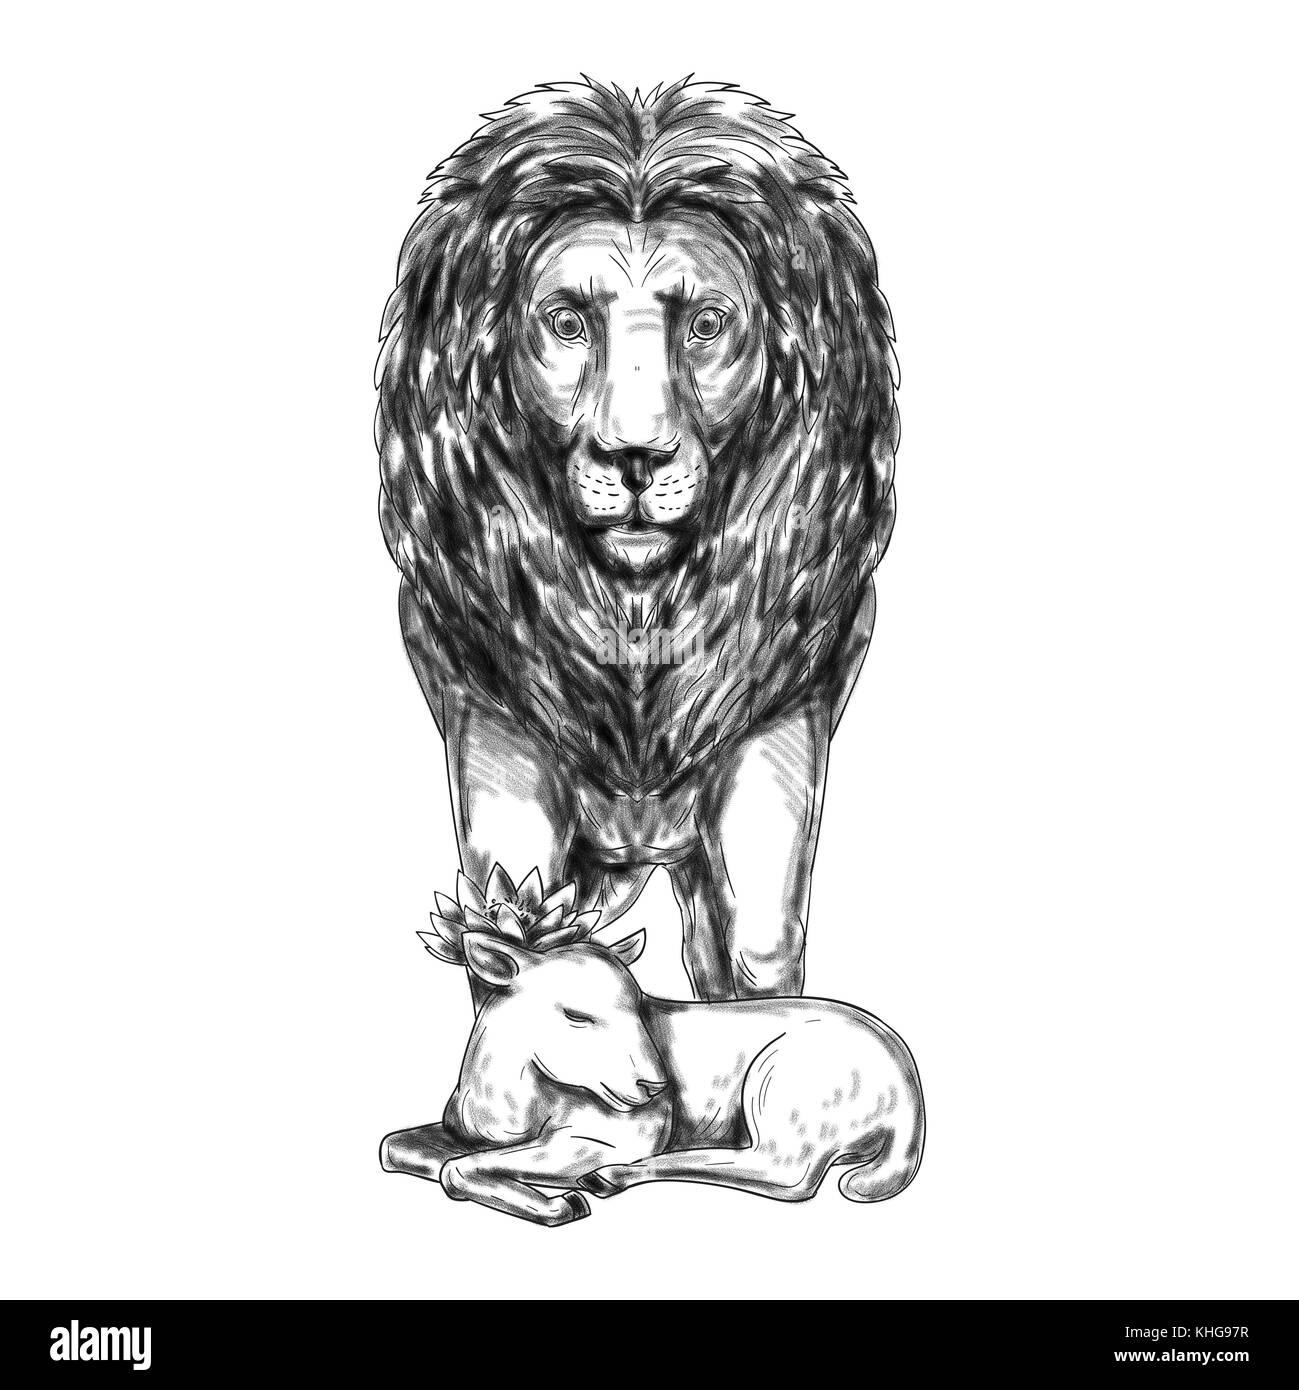 Ilustración estilo tatuaje de un león de pie y custodia durmiendo ...